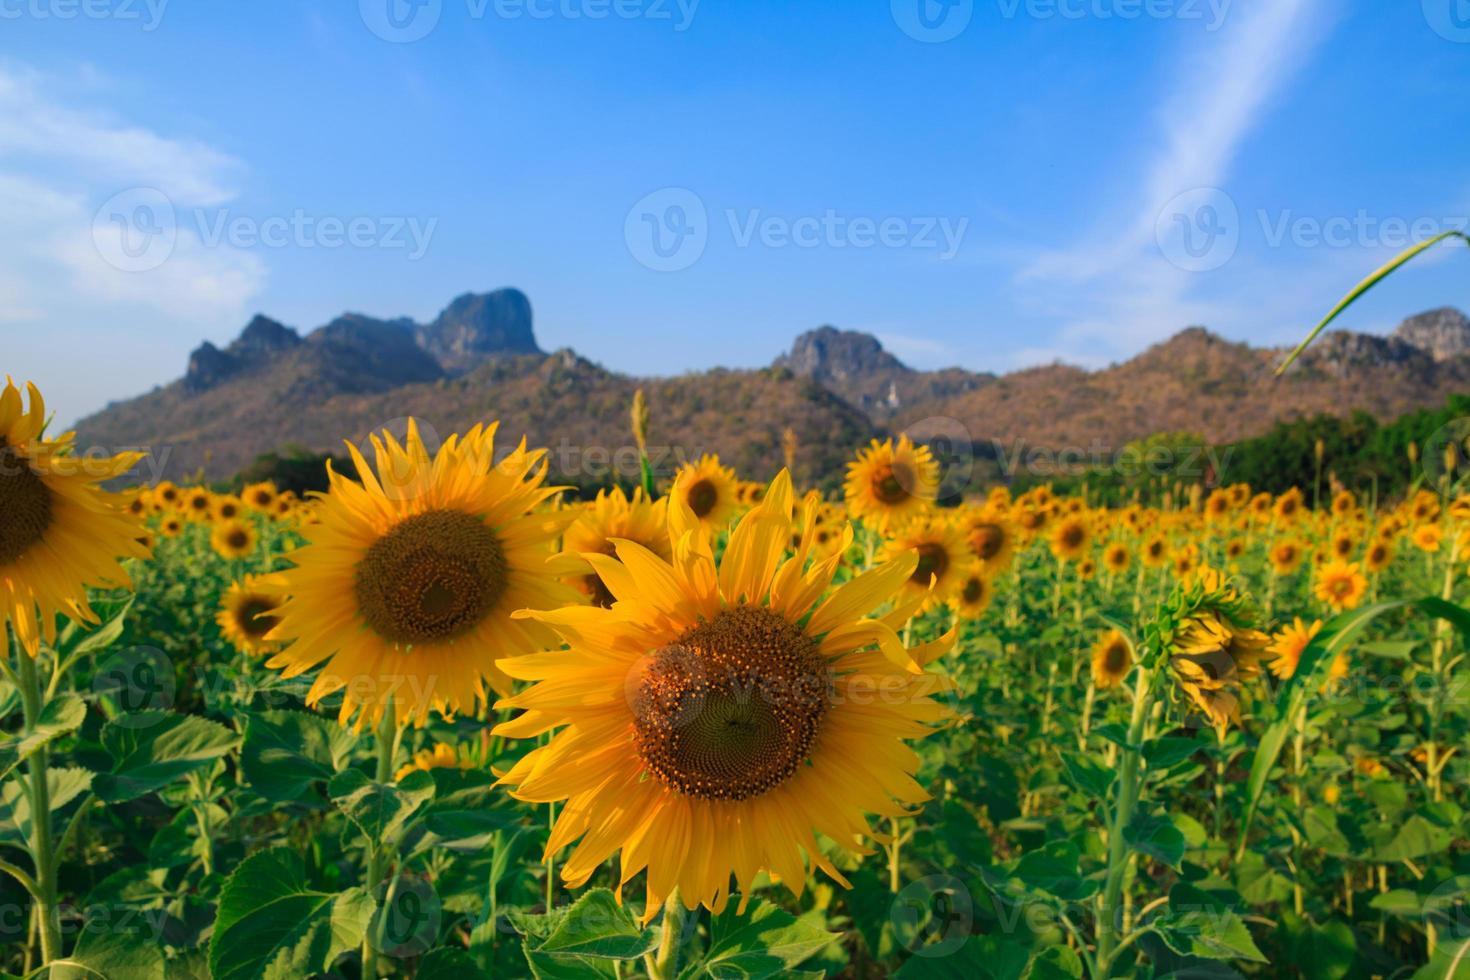 Feld der blühenden Sonnenblumen auf blauem Himmelhintergrund foto